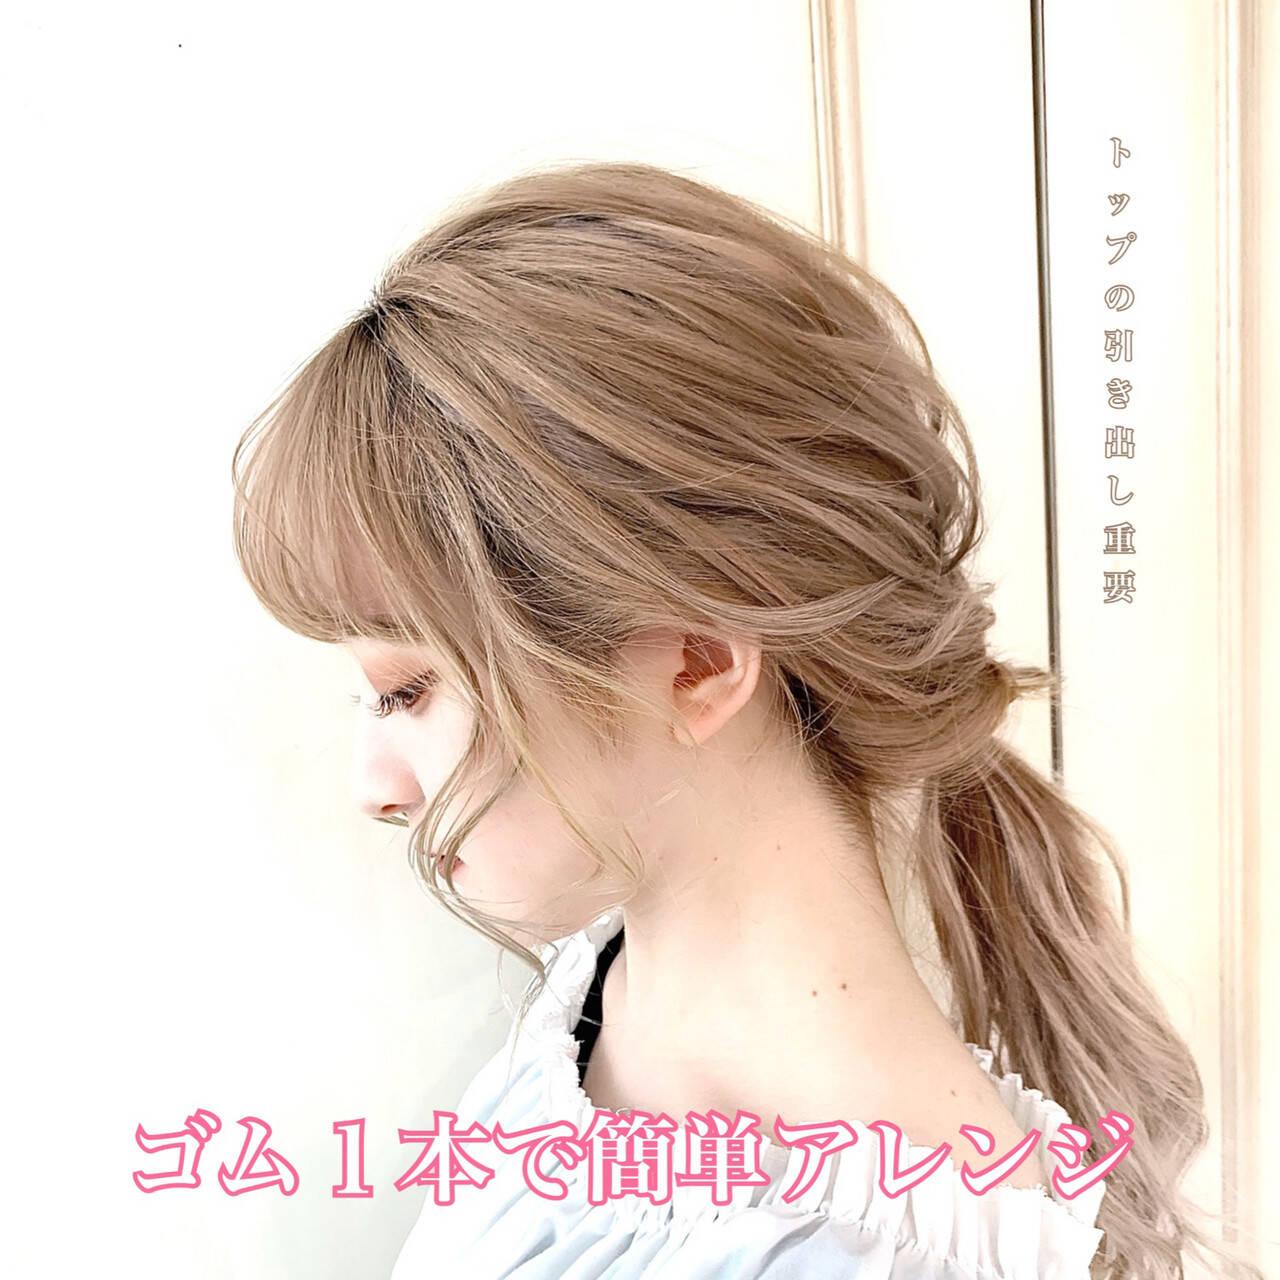 簡単ヘアアレンジ 透明感 ベージュ ミルクティーベージュヘアスタイルや髪型の写真・画像